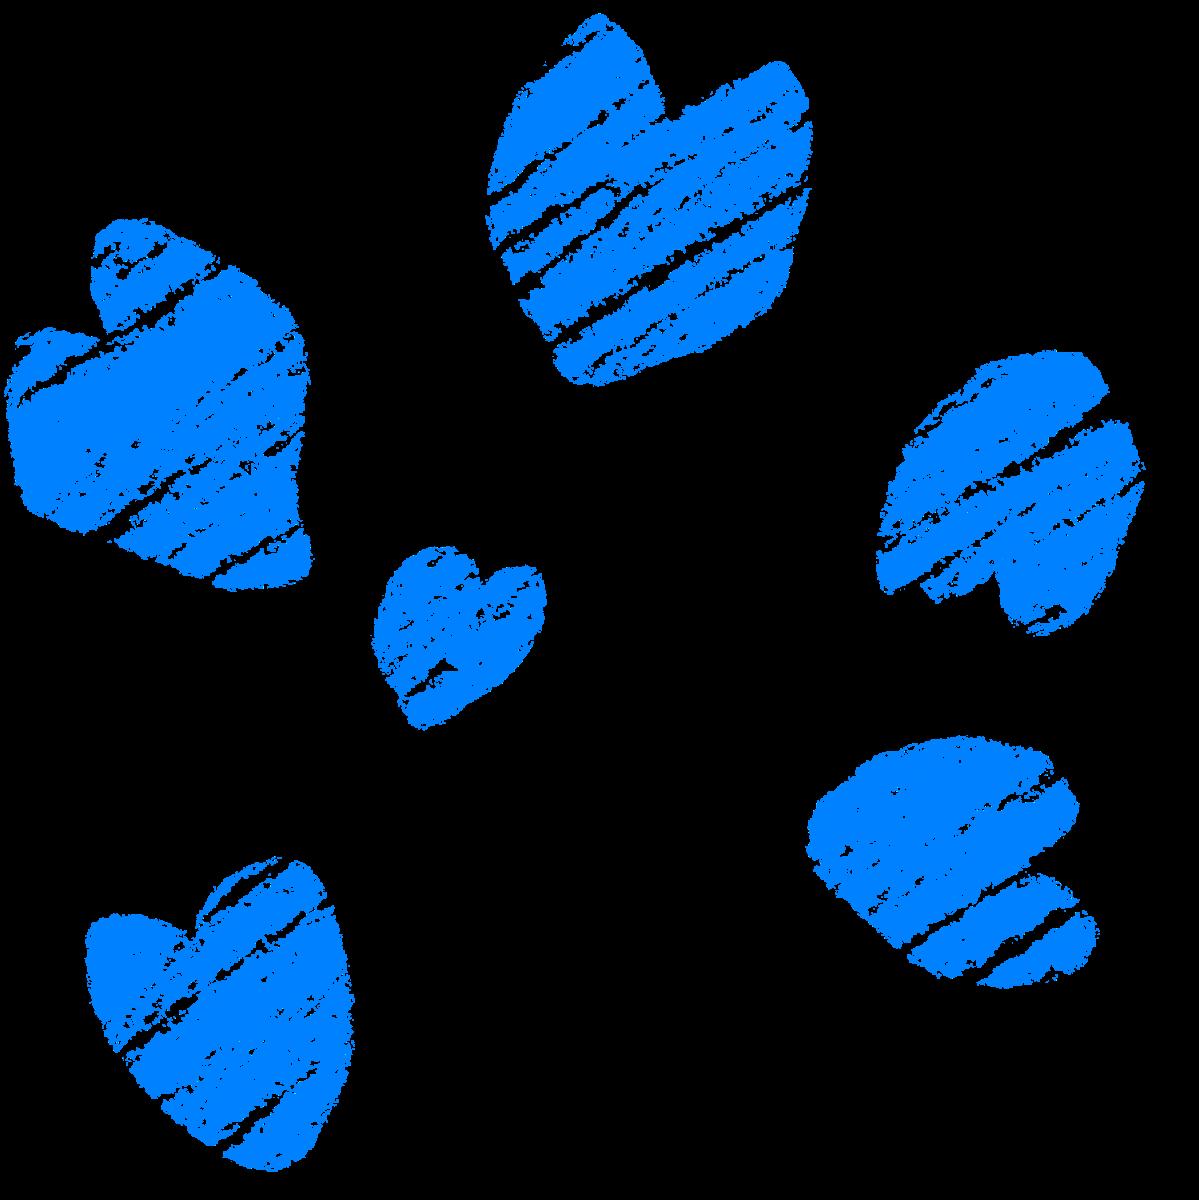 クレヨン塗り【桜の花びら】寒色セットのイラスト / Crayon Painting [Cherry Blossom Petals] Cold Color Set Illustration